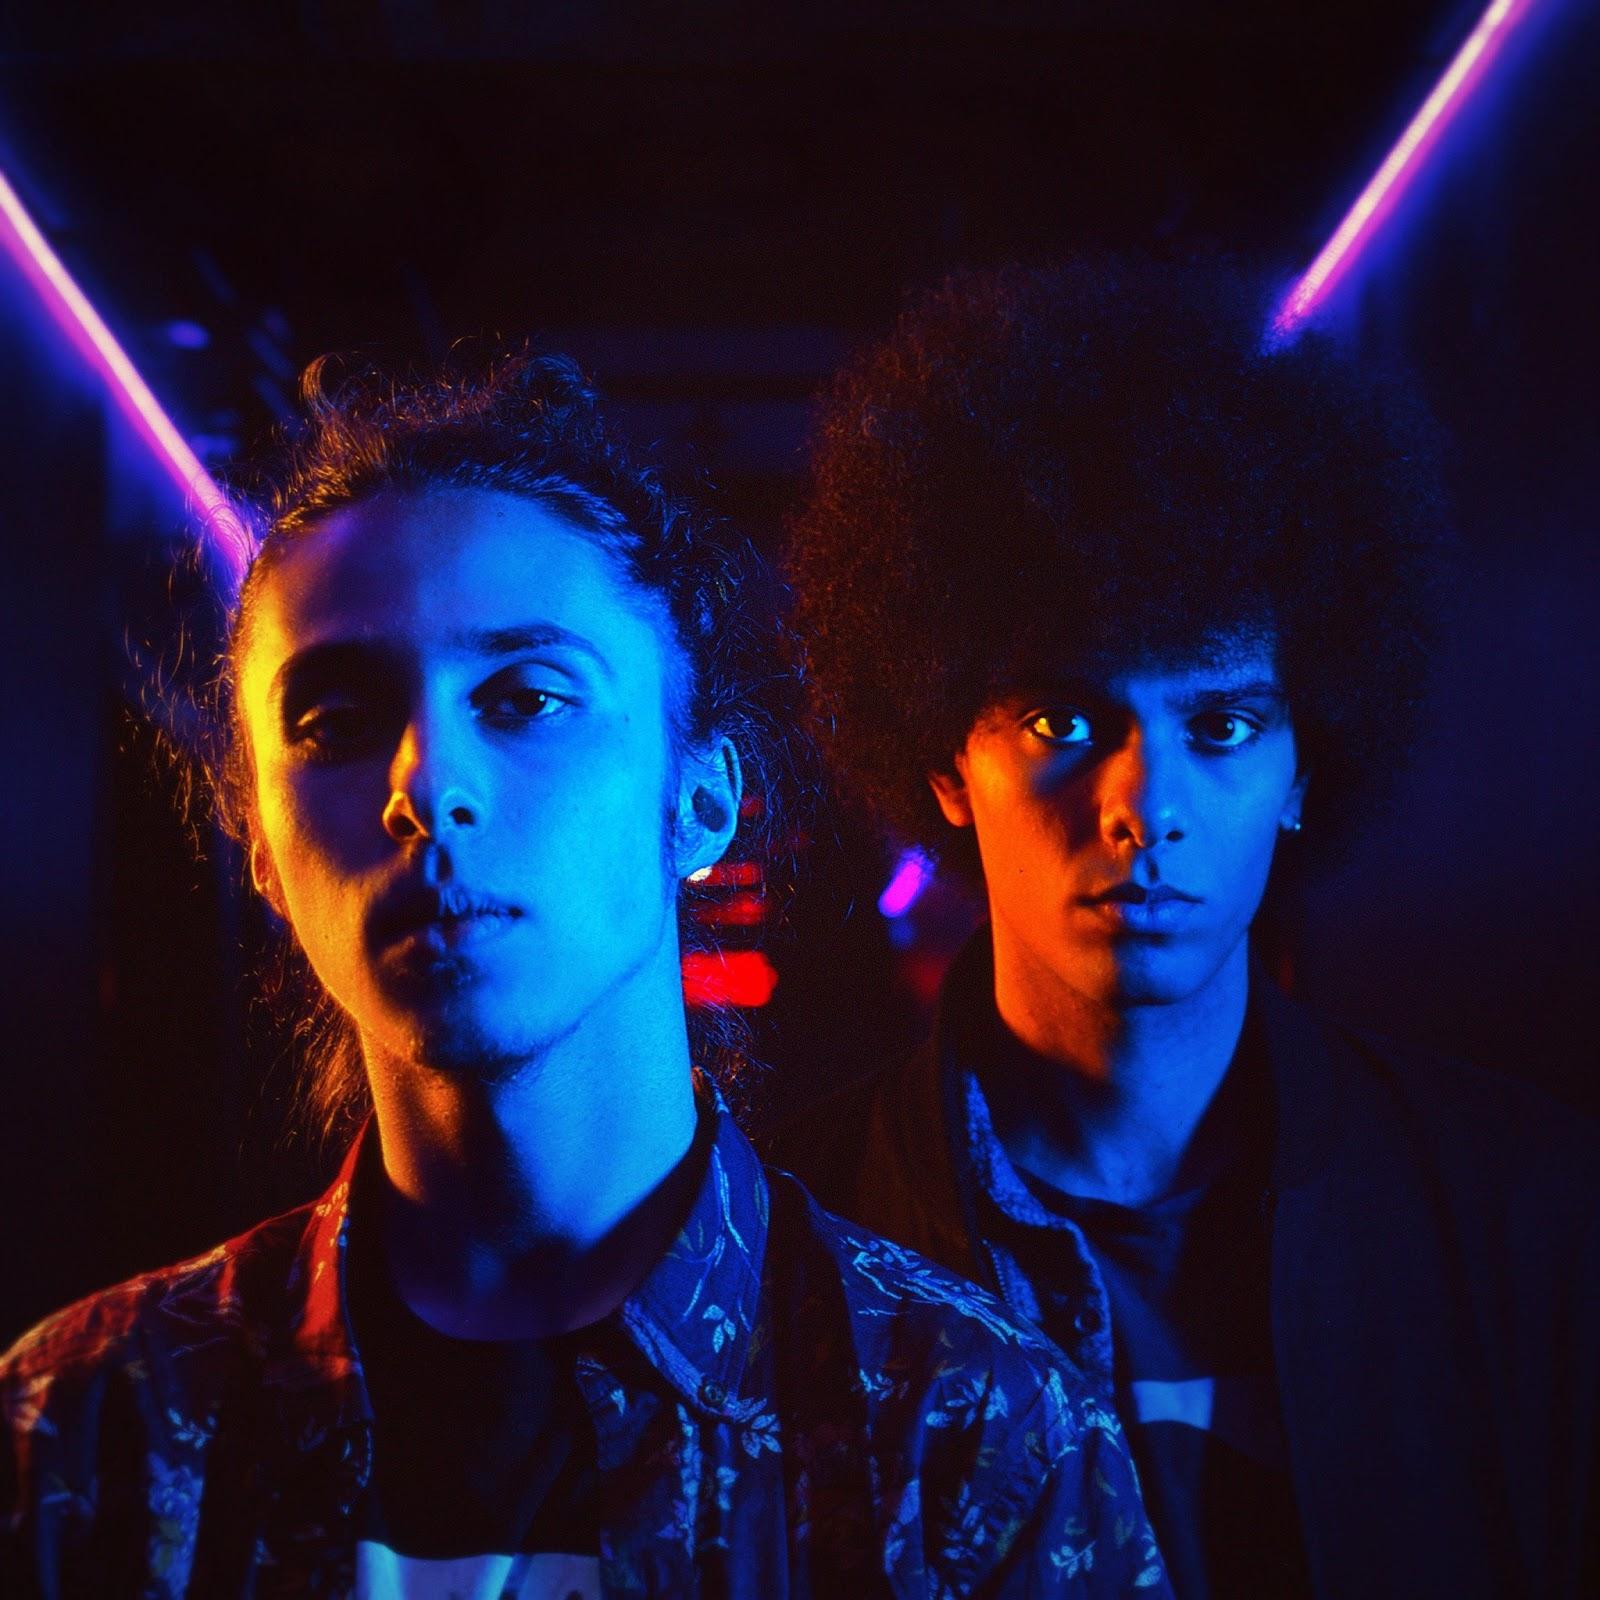 Der Musiktipp aus dem Atomlabor Blog im Juli 2019 ist das Electro-Dream-Pop Duo Neon Valley aus Montreal.